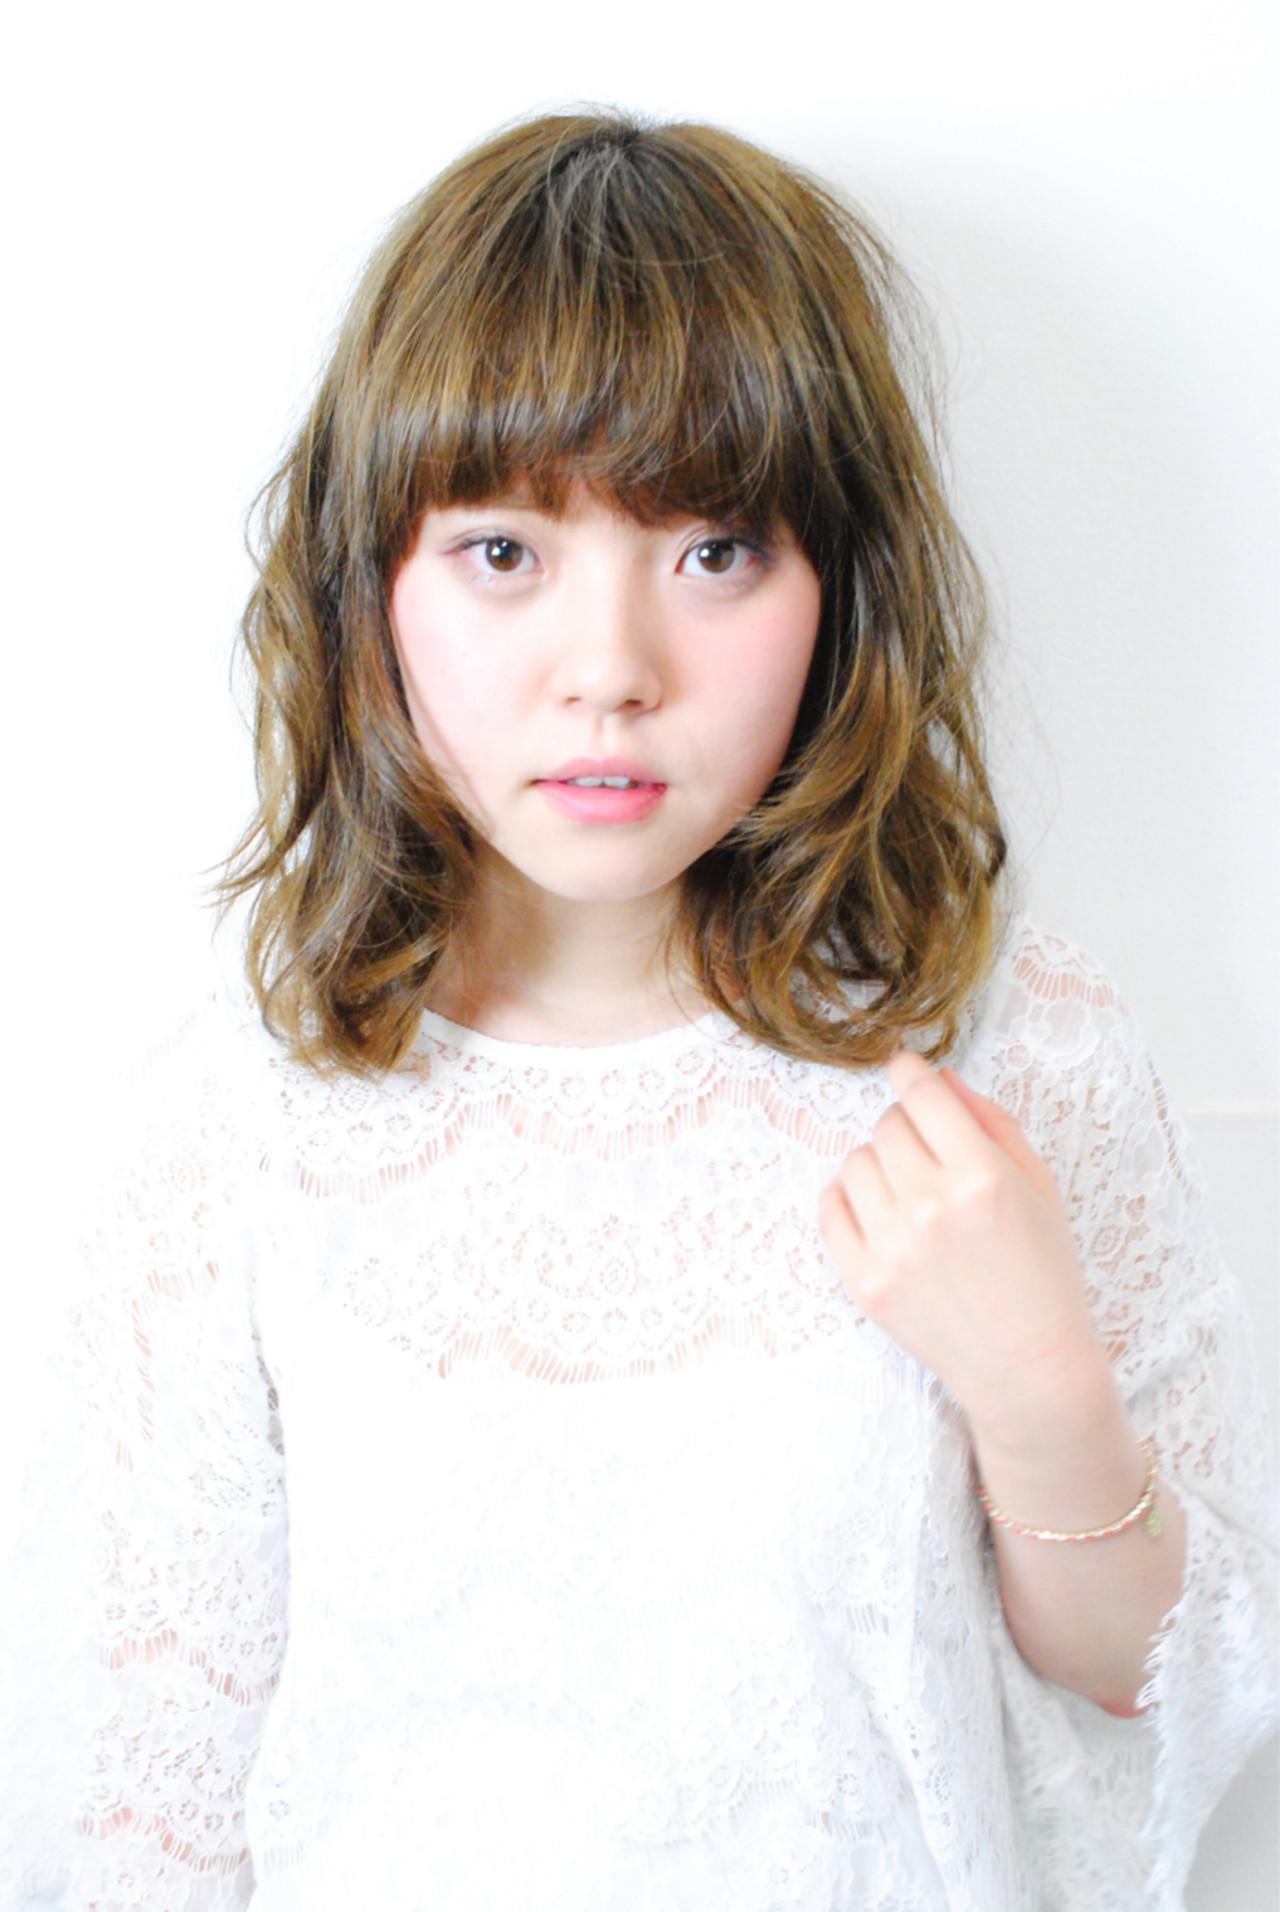 前髪あり グラデーションカラー ミディアム ピュア ヘアスタイルや髪型の写真・画像 | soya / amaca hair&nail life